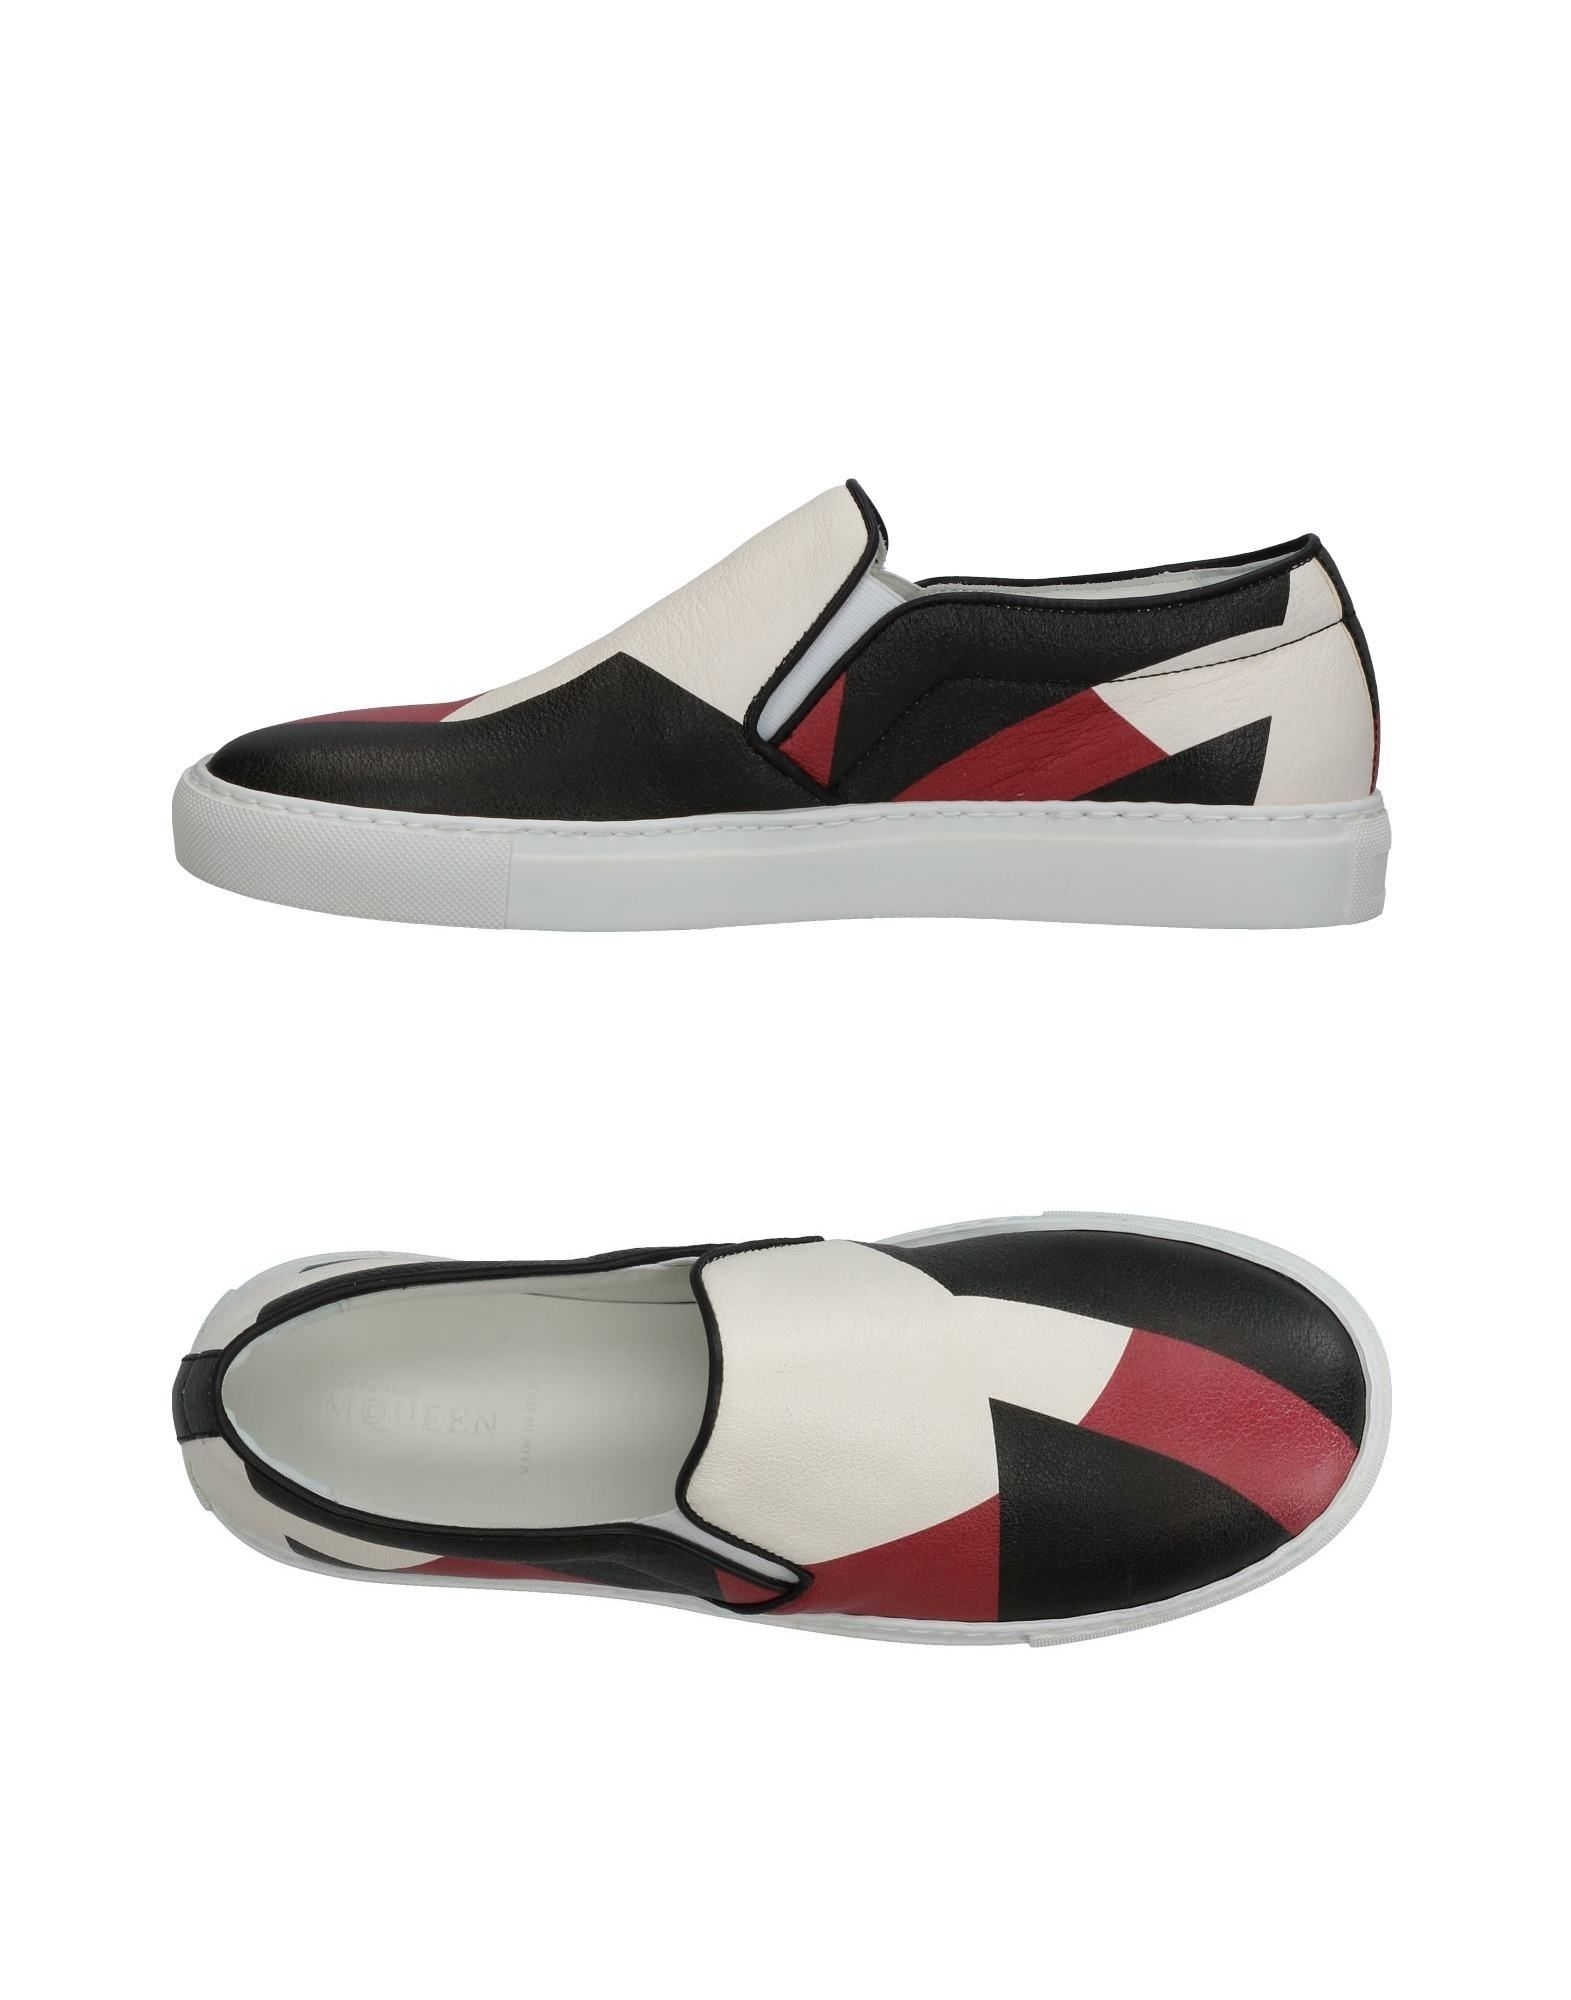 Alexander Mcqueen Sneakers Herren  11347753BS Gute Qualität beliebte Schuhe